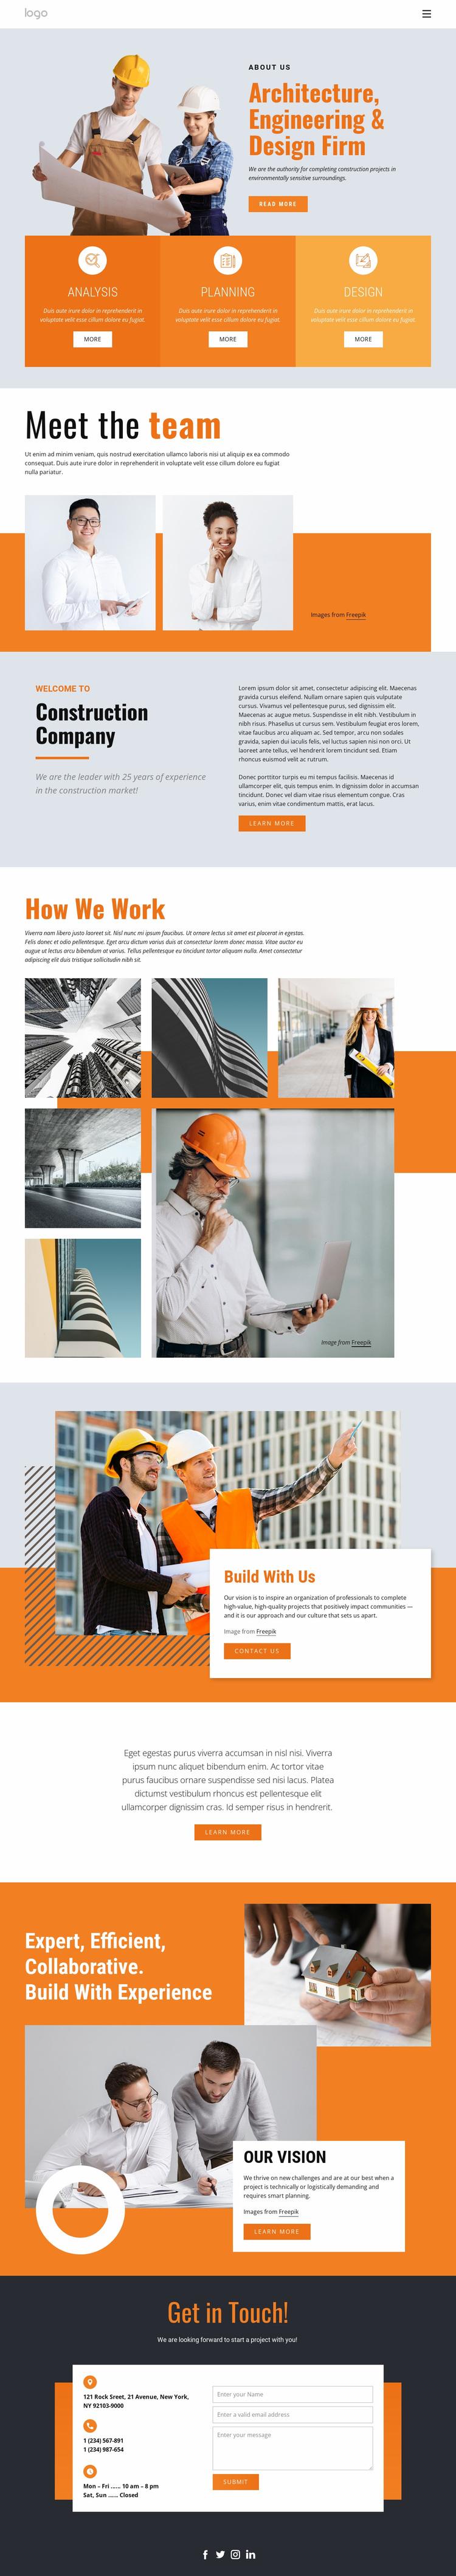 Engineering firm Website Design